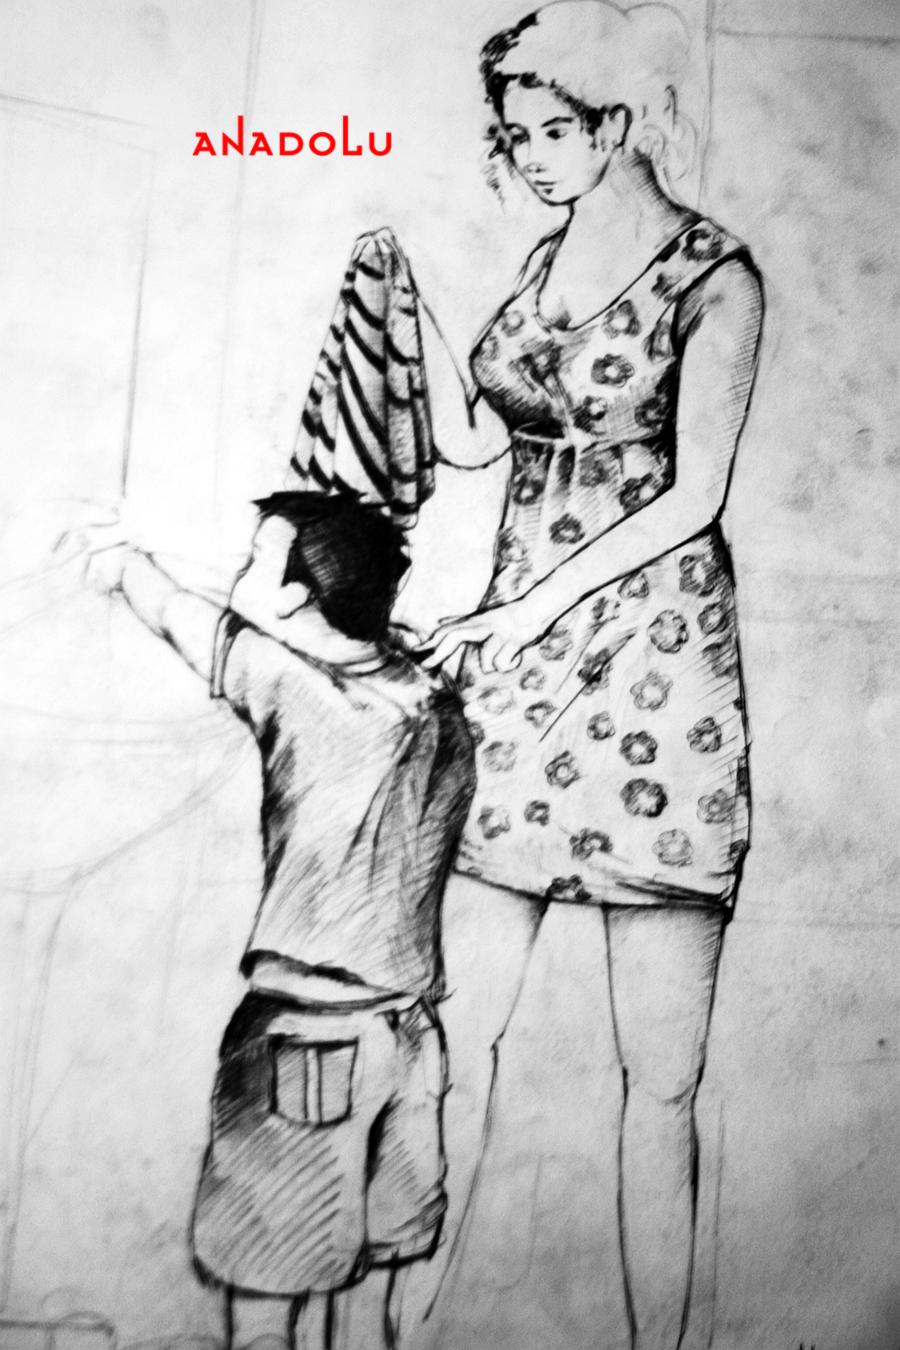 Güzel Sanatlar İçin Çizimler Çukurova